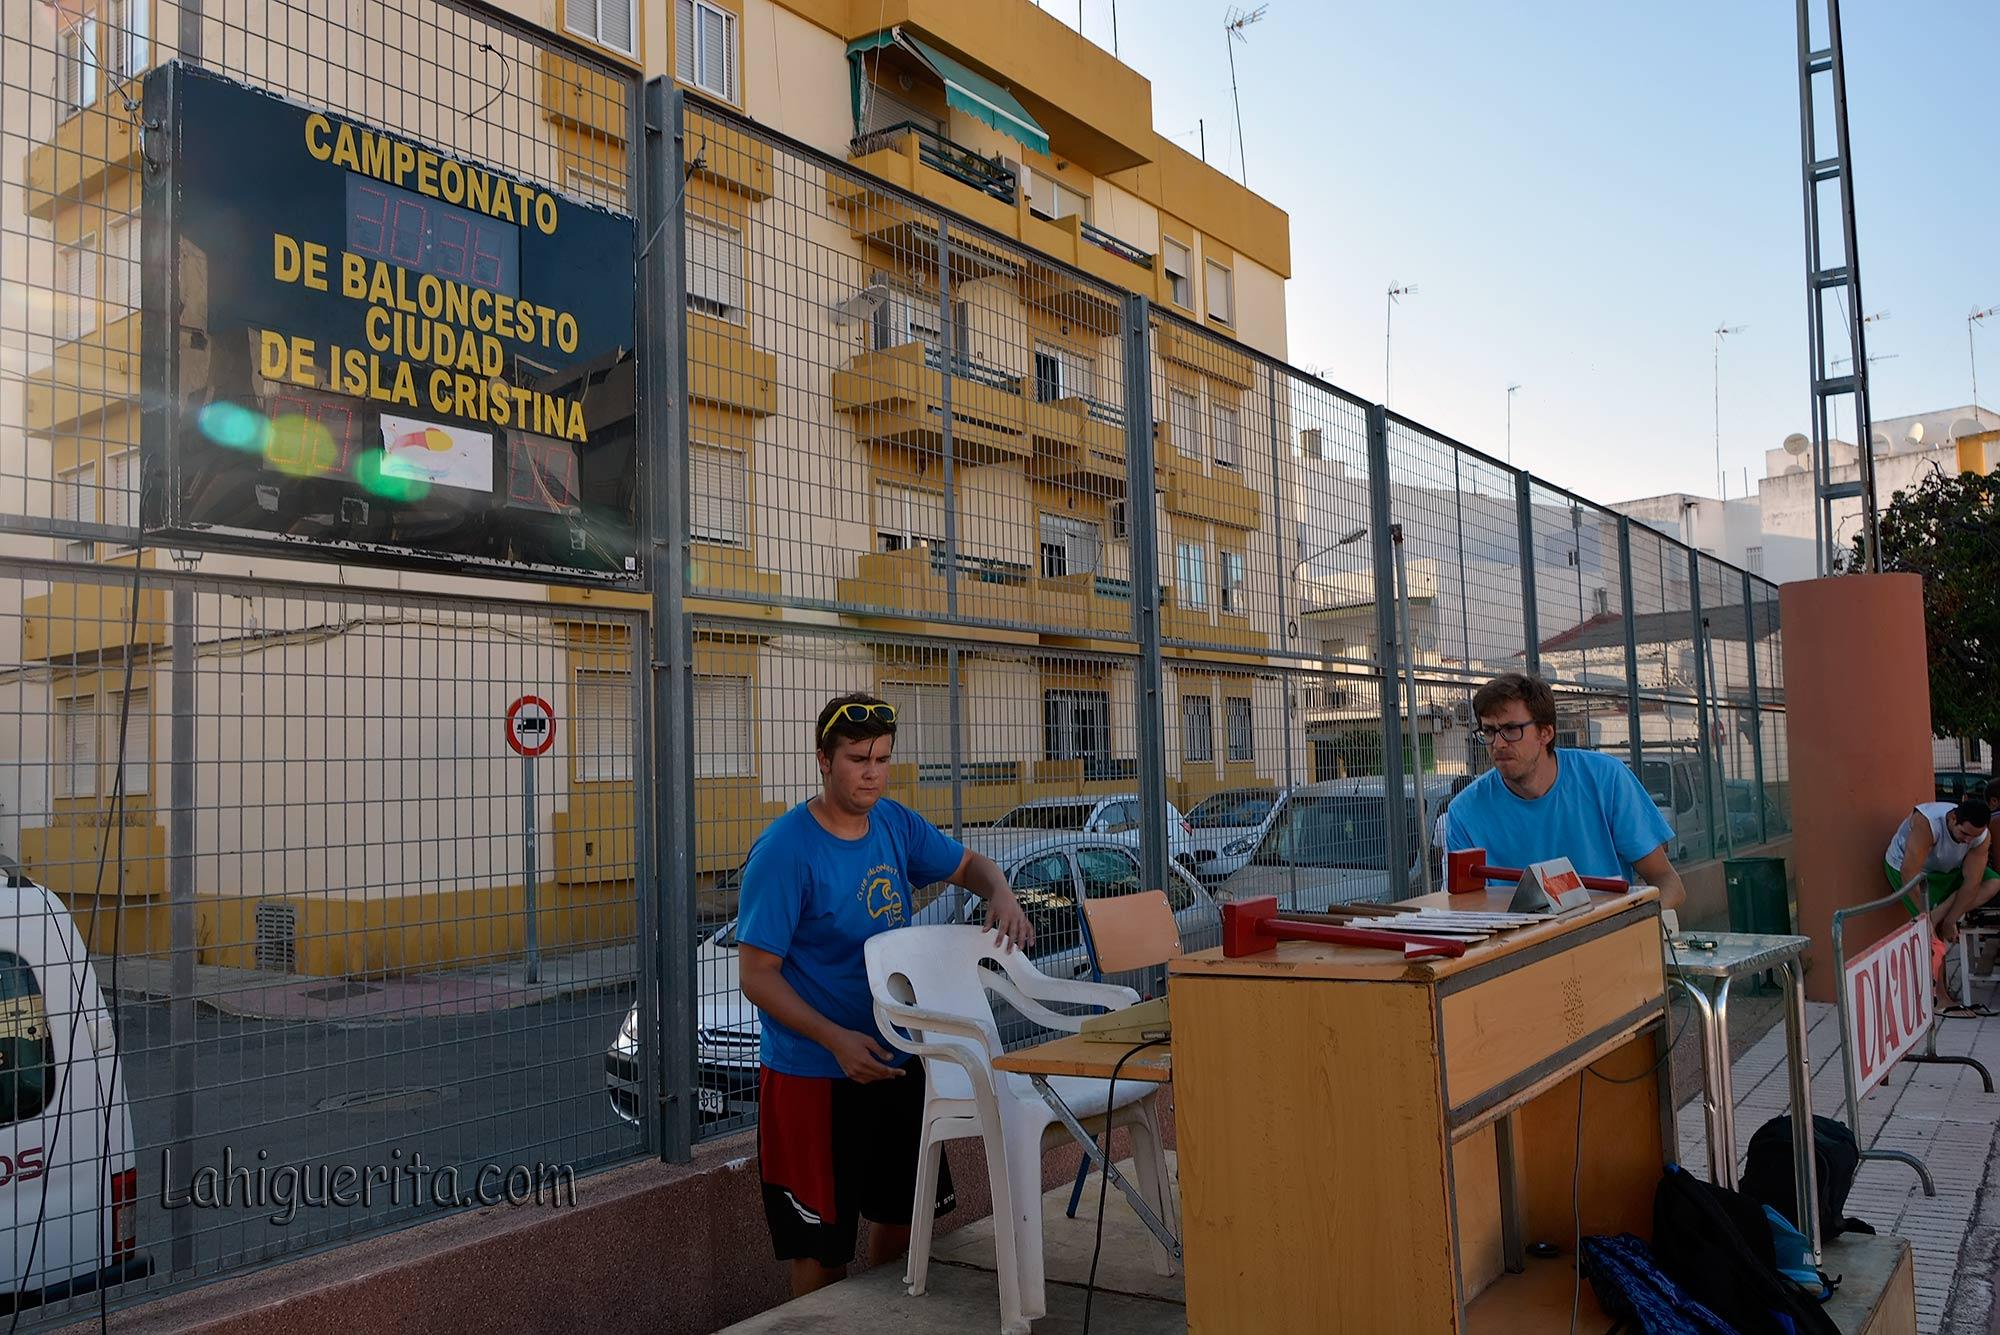 Qué Rico hijo Campeón del Torneo Internacional de Baloncesto Ciudad de Isla Cristina